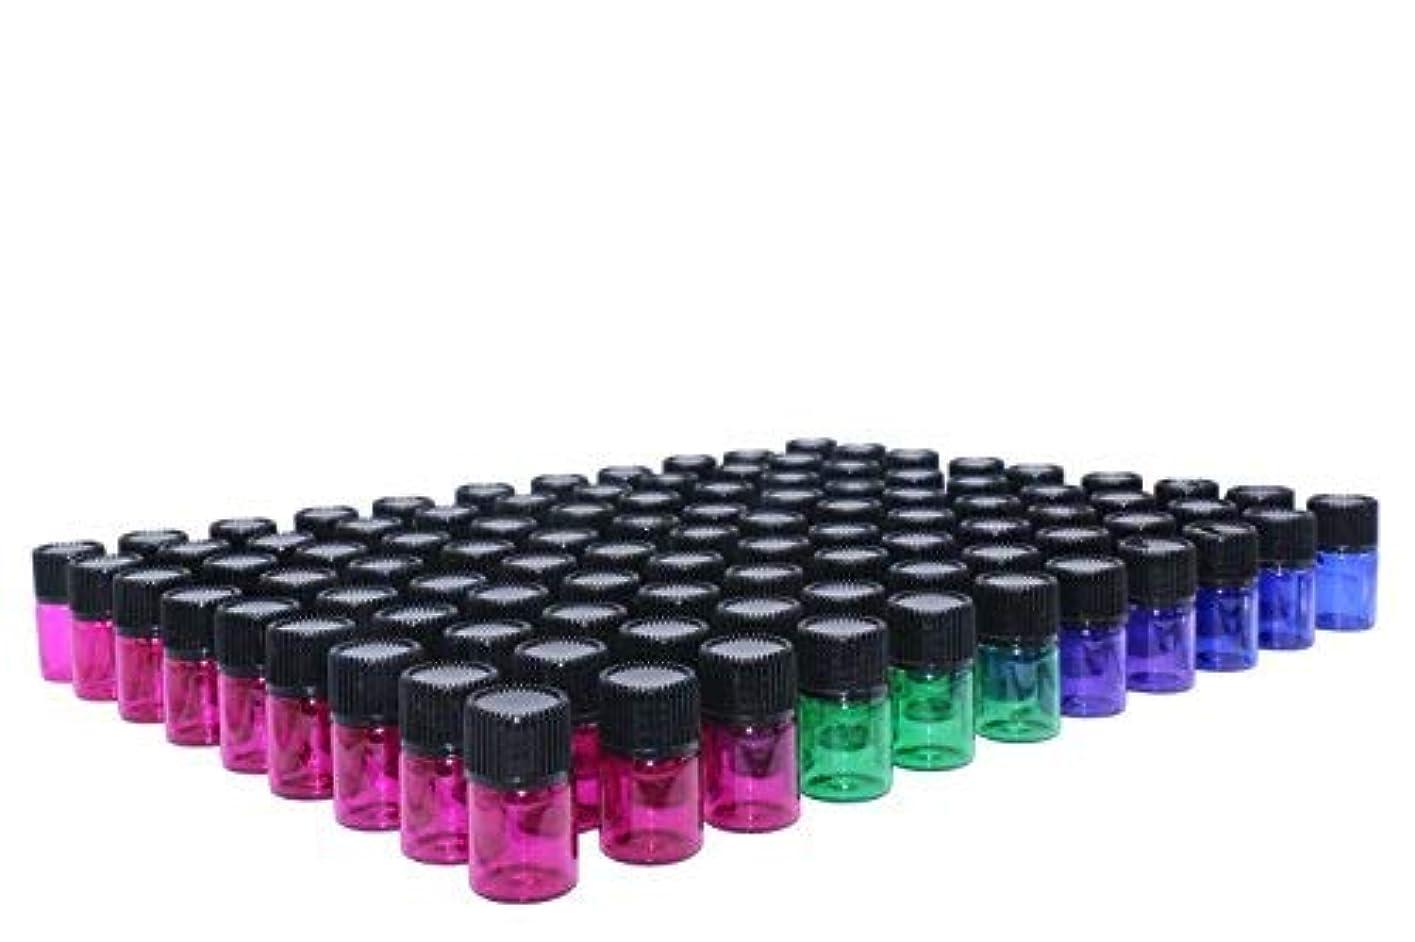 急速な序文シリーズWresty 2 ml(5/8 dram) Essential Oil Bottle,100 Packs Blue Green Pink Purple Glass Vials with Orifice Reducers...